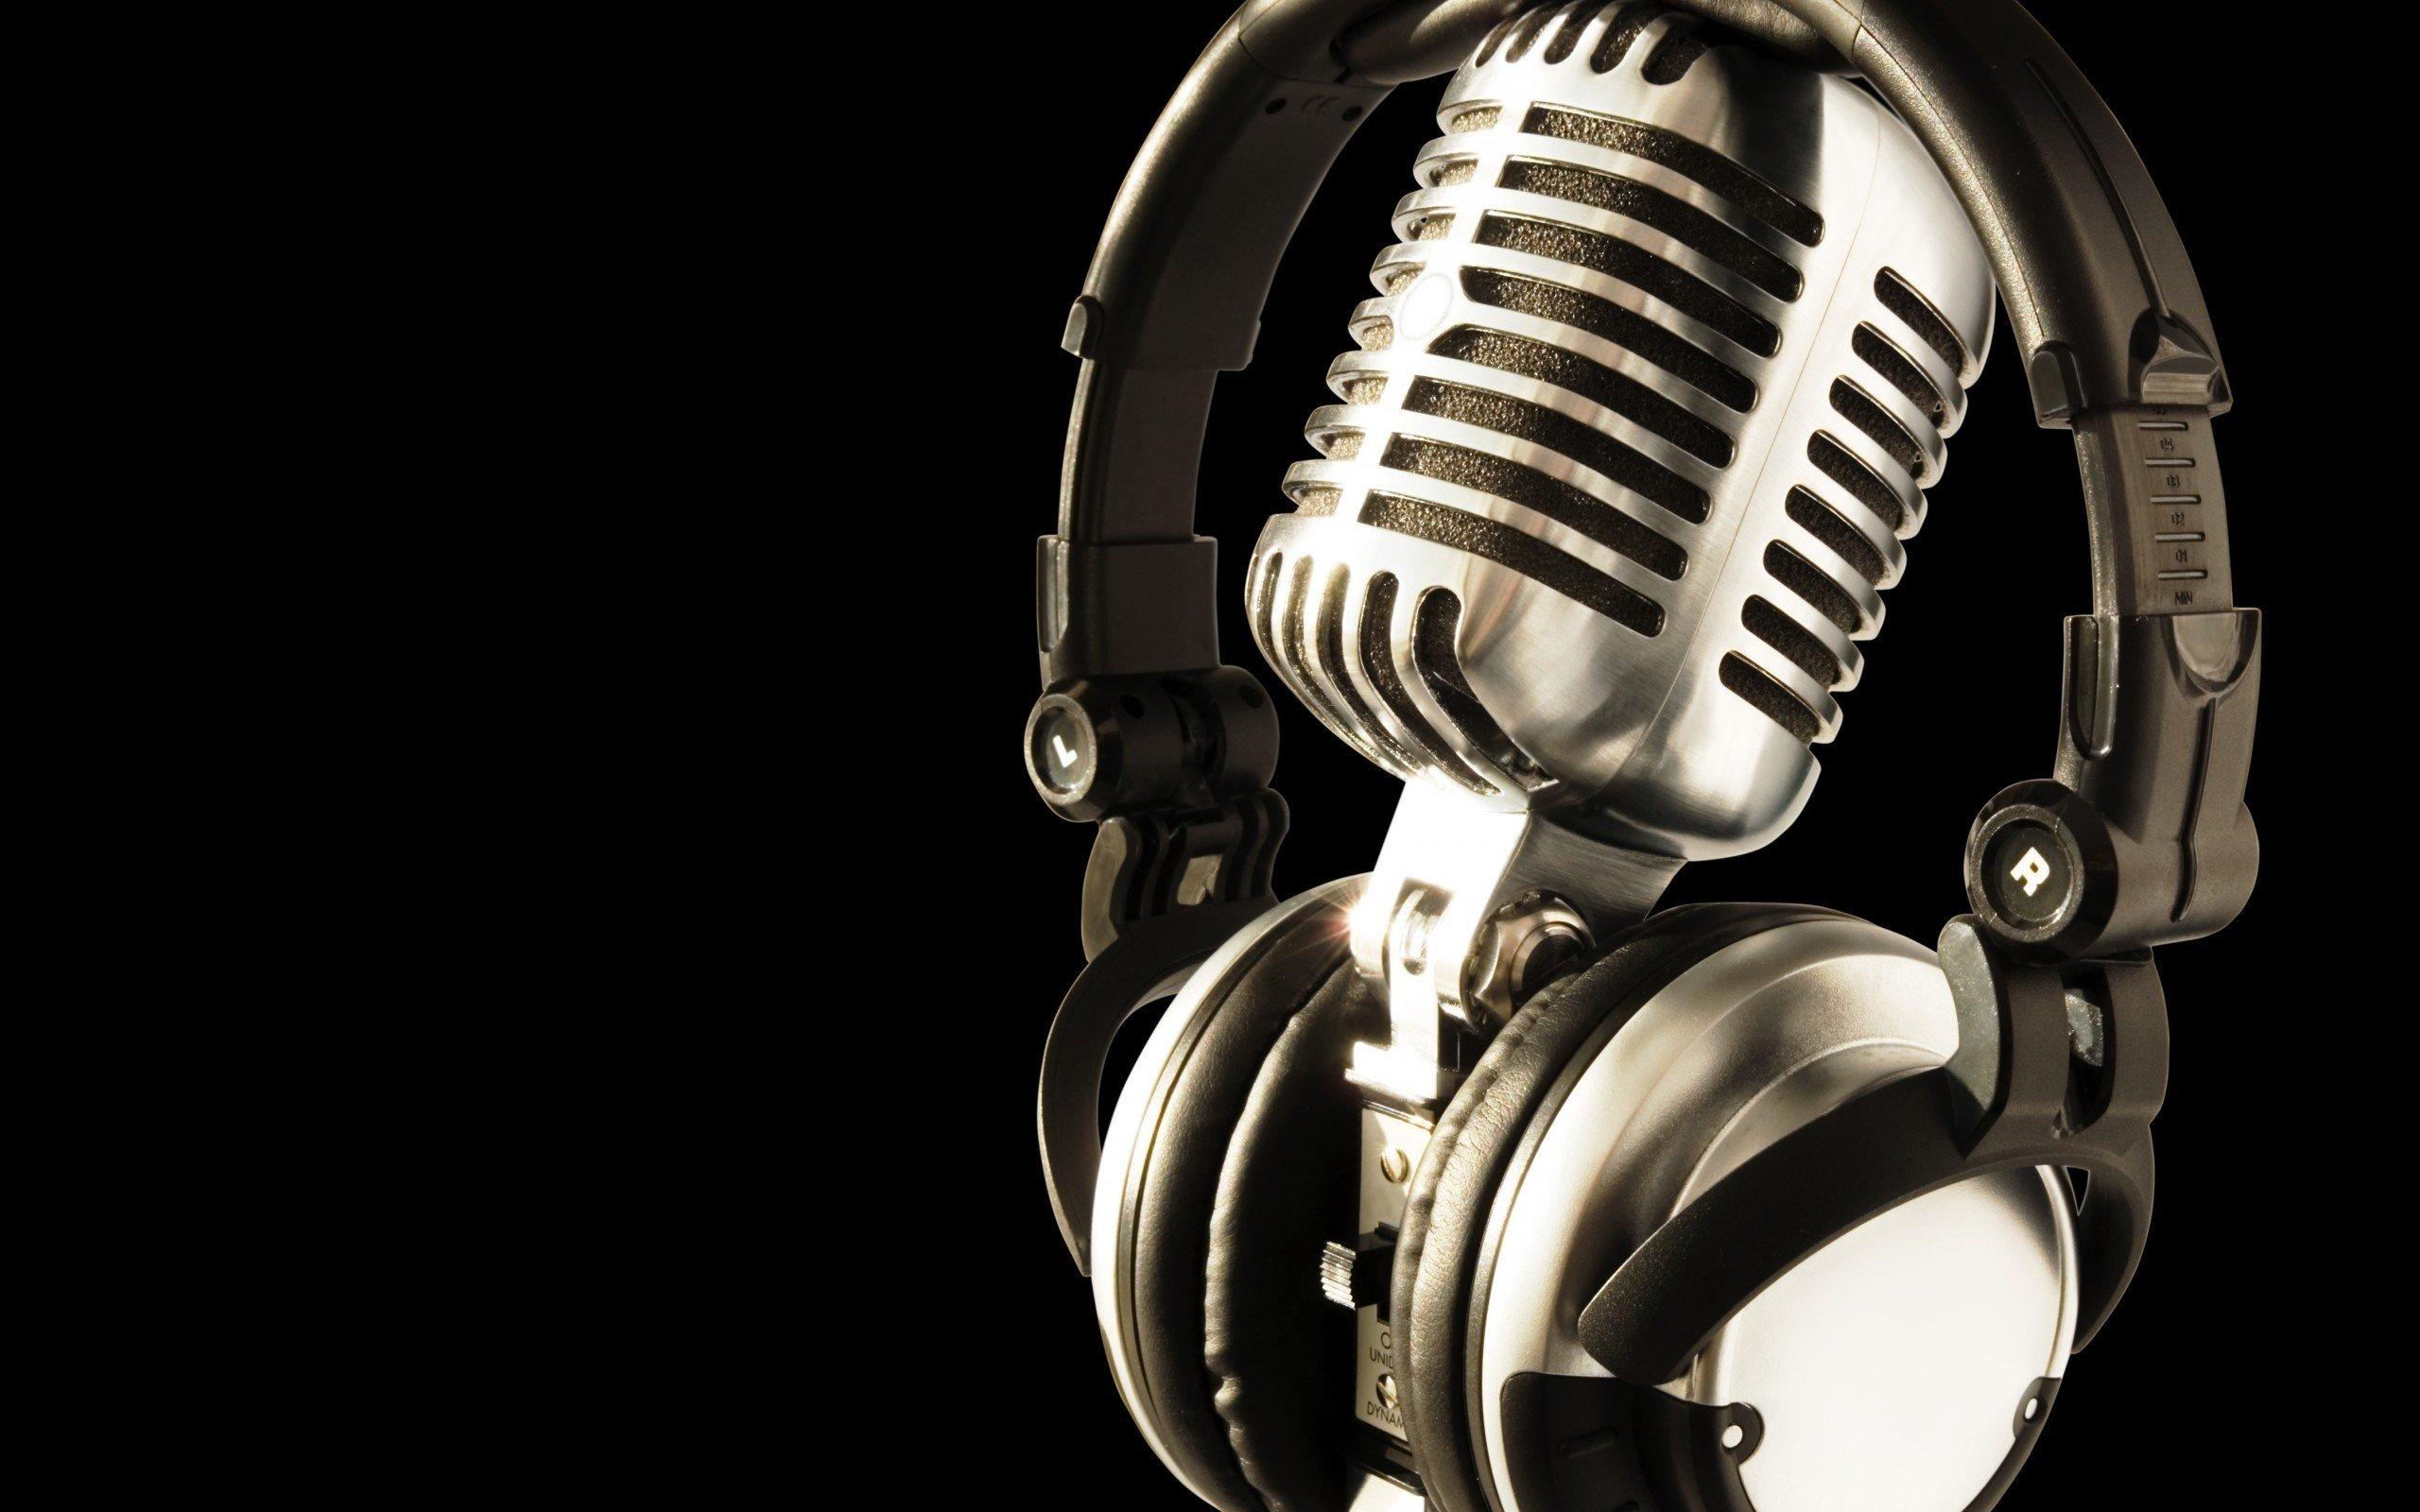 Headphones Music Microphones 4500x4100 Wallpaper